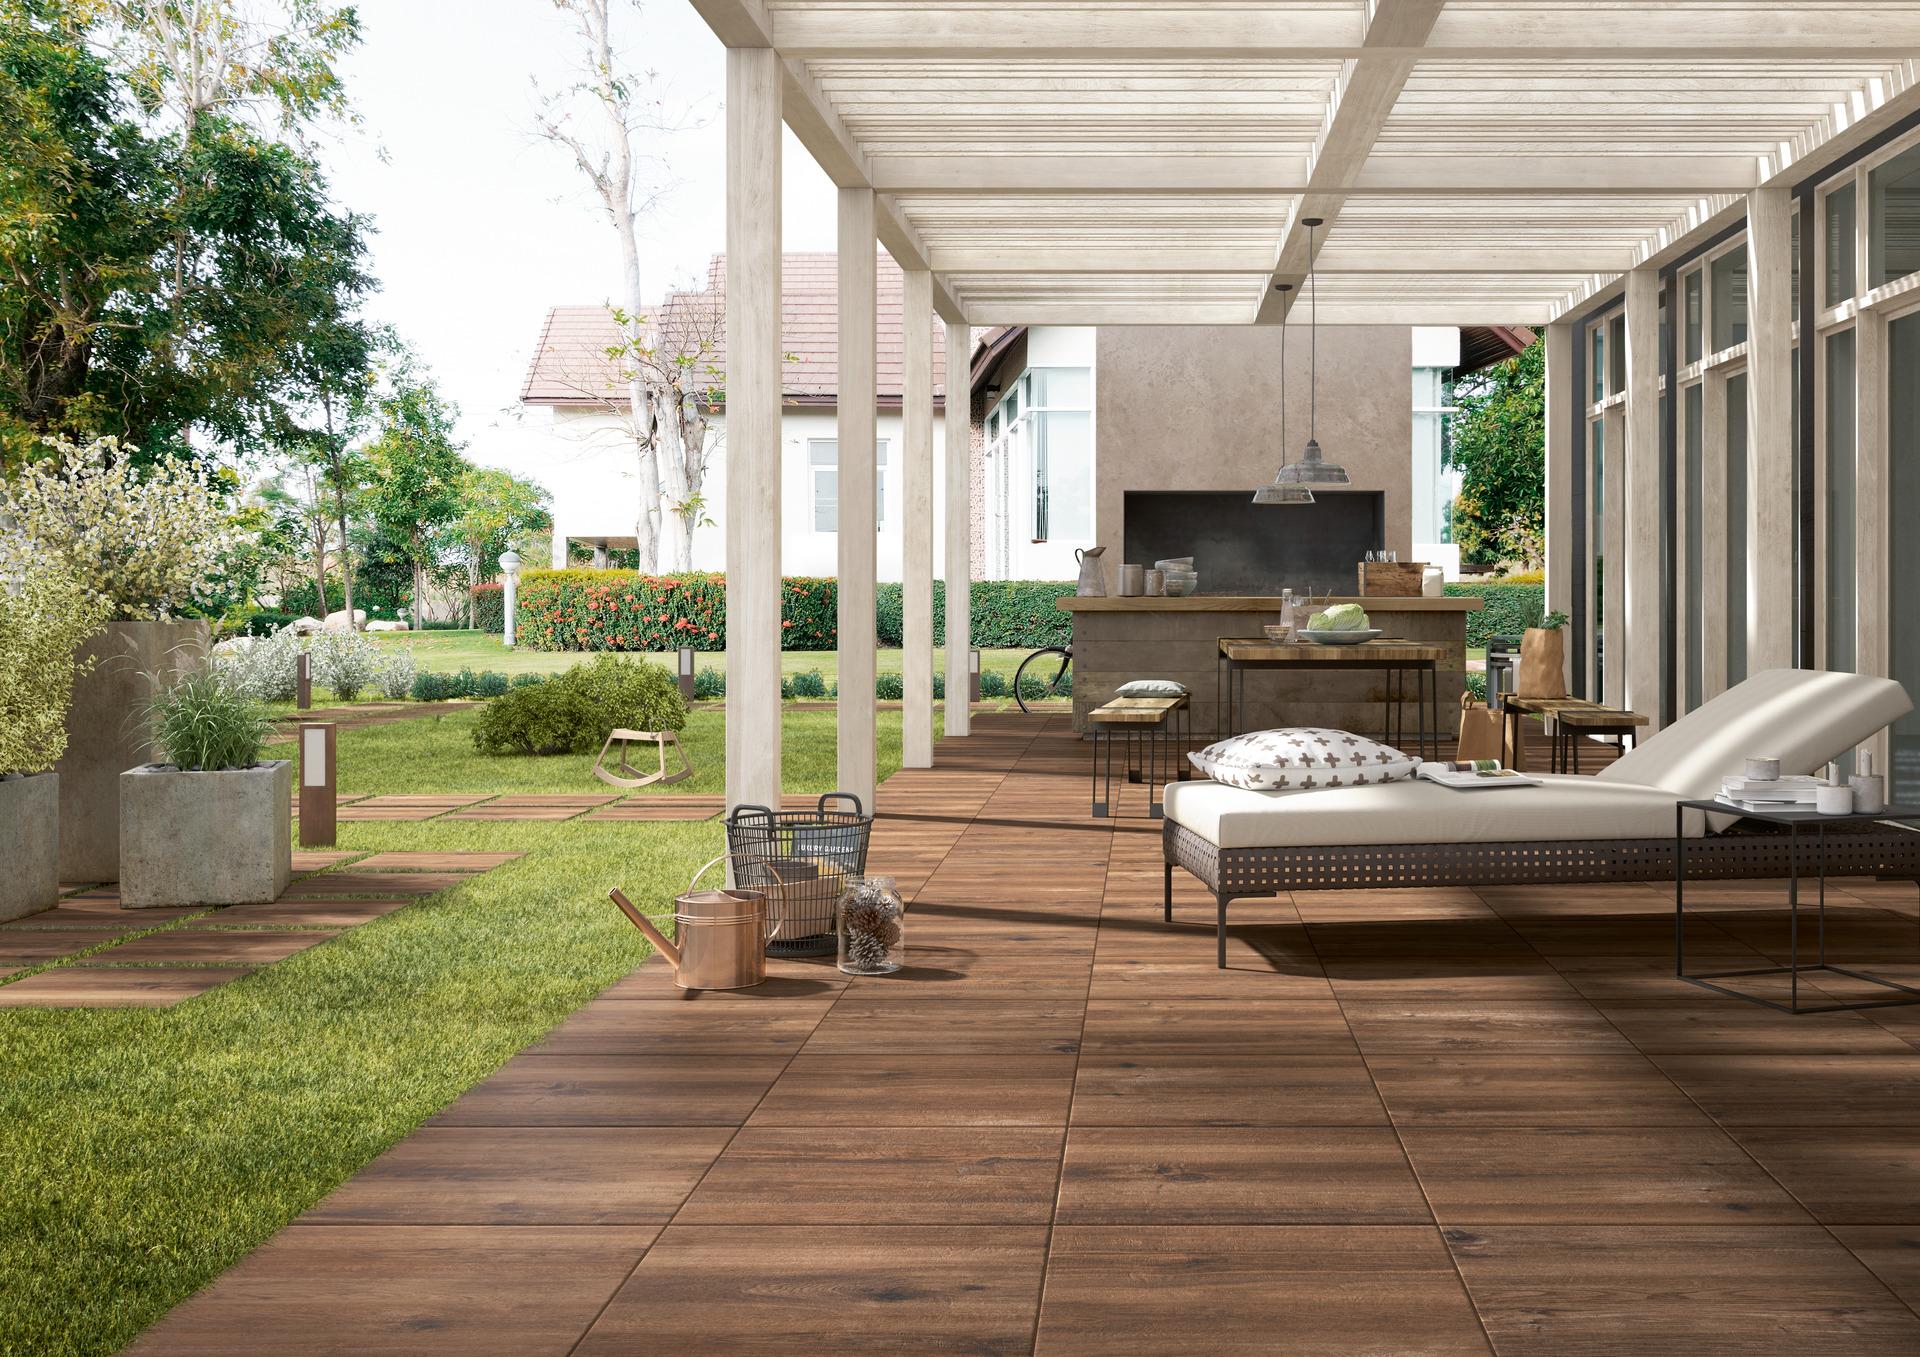 Pavimenti per esterni piastrelle gres porcellanato marazzi - Rivestimenti per terrazzi esterni ...